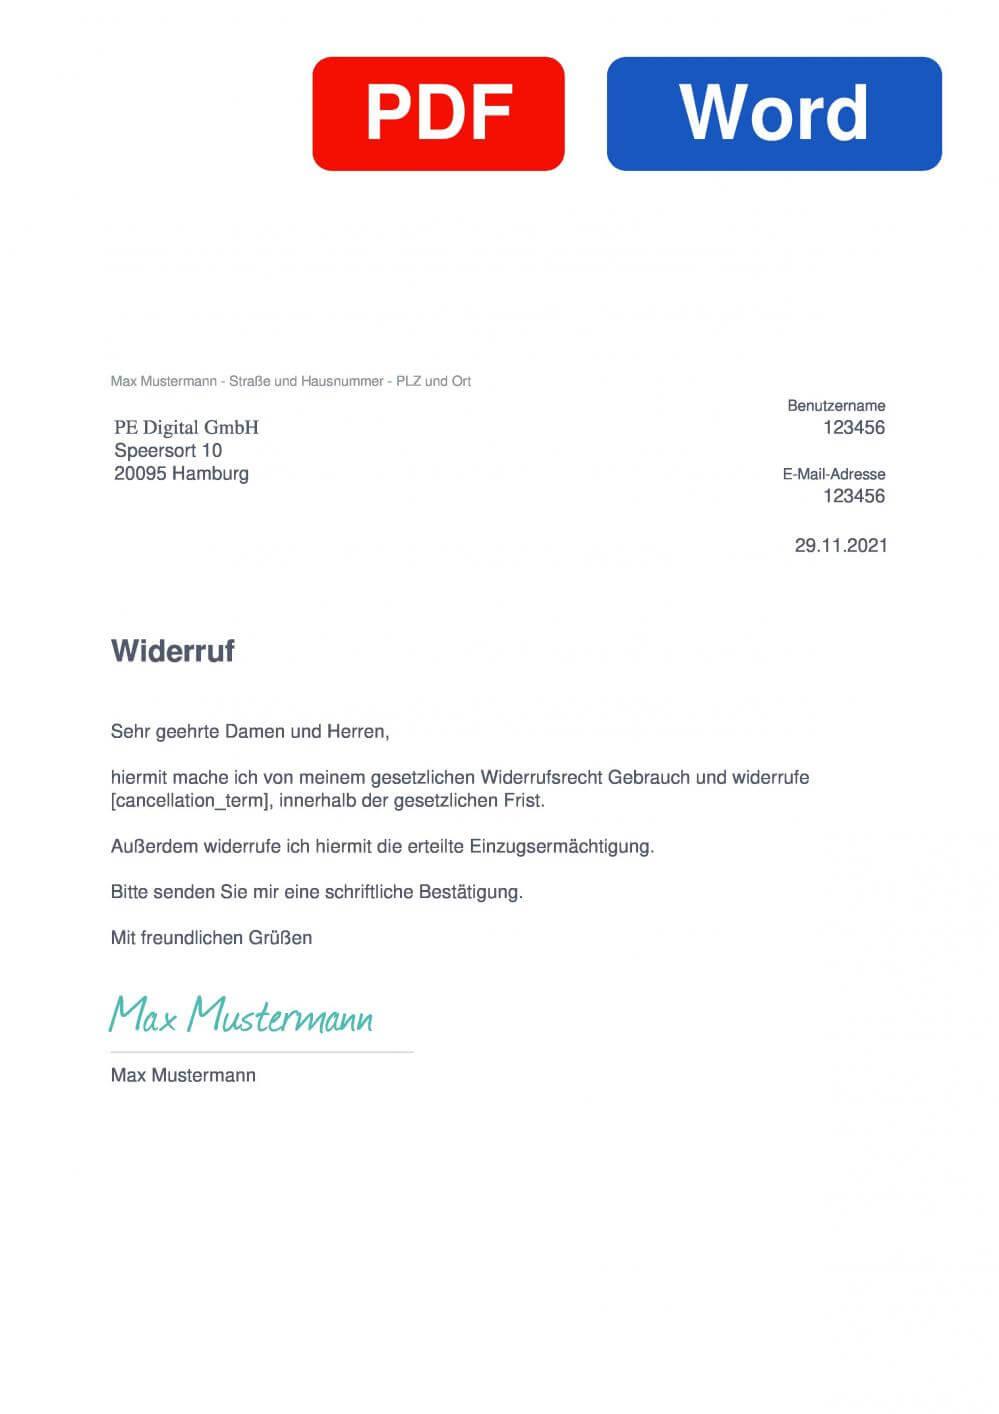 Parship Muster Vorlage für Wiederrufsschreiben